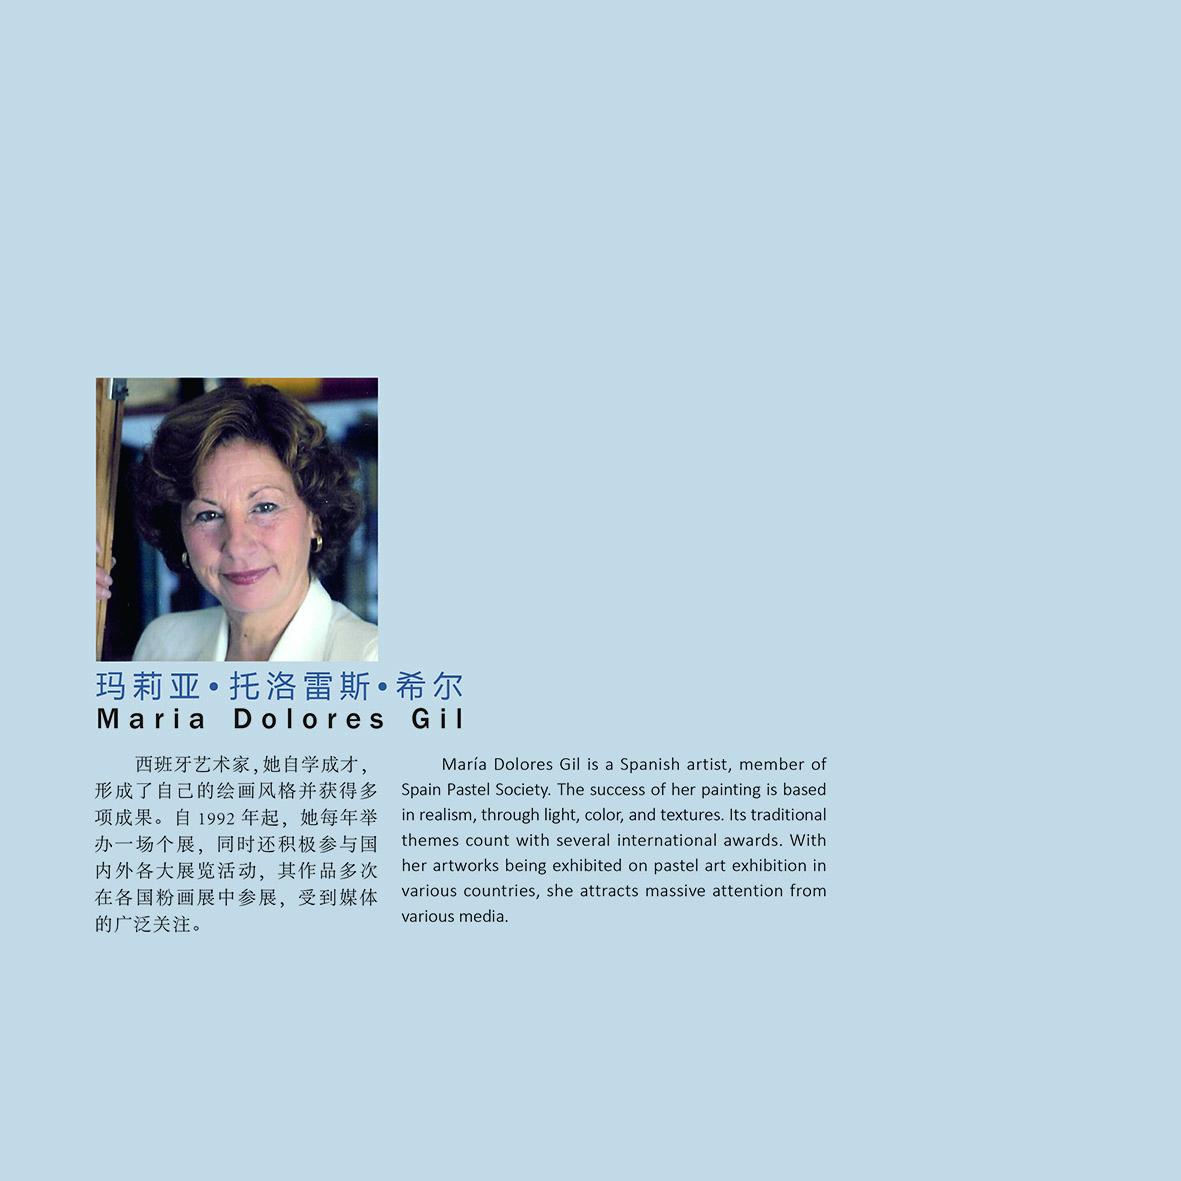 Pagina de presentacion de la artista en el Catalogo de la muestra